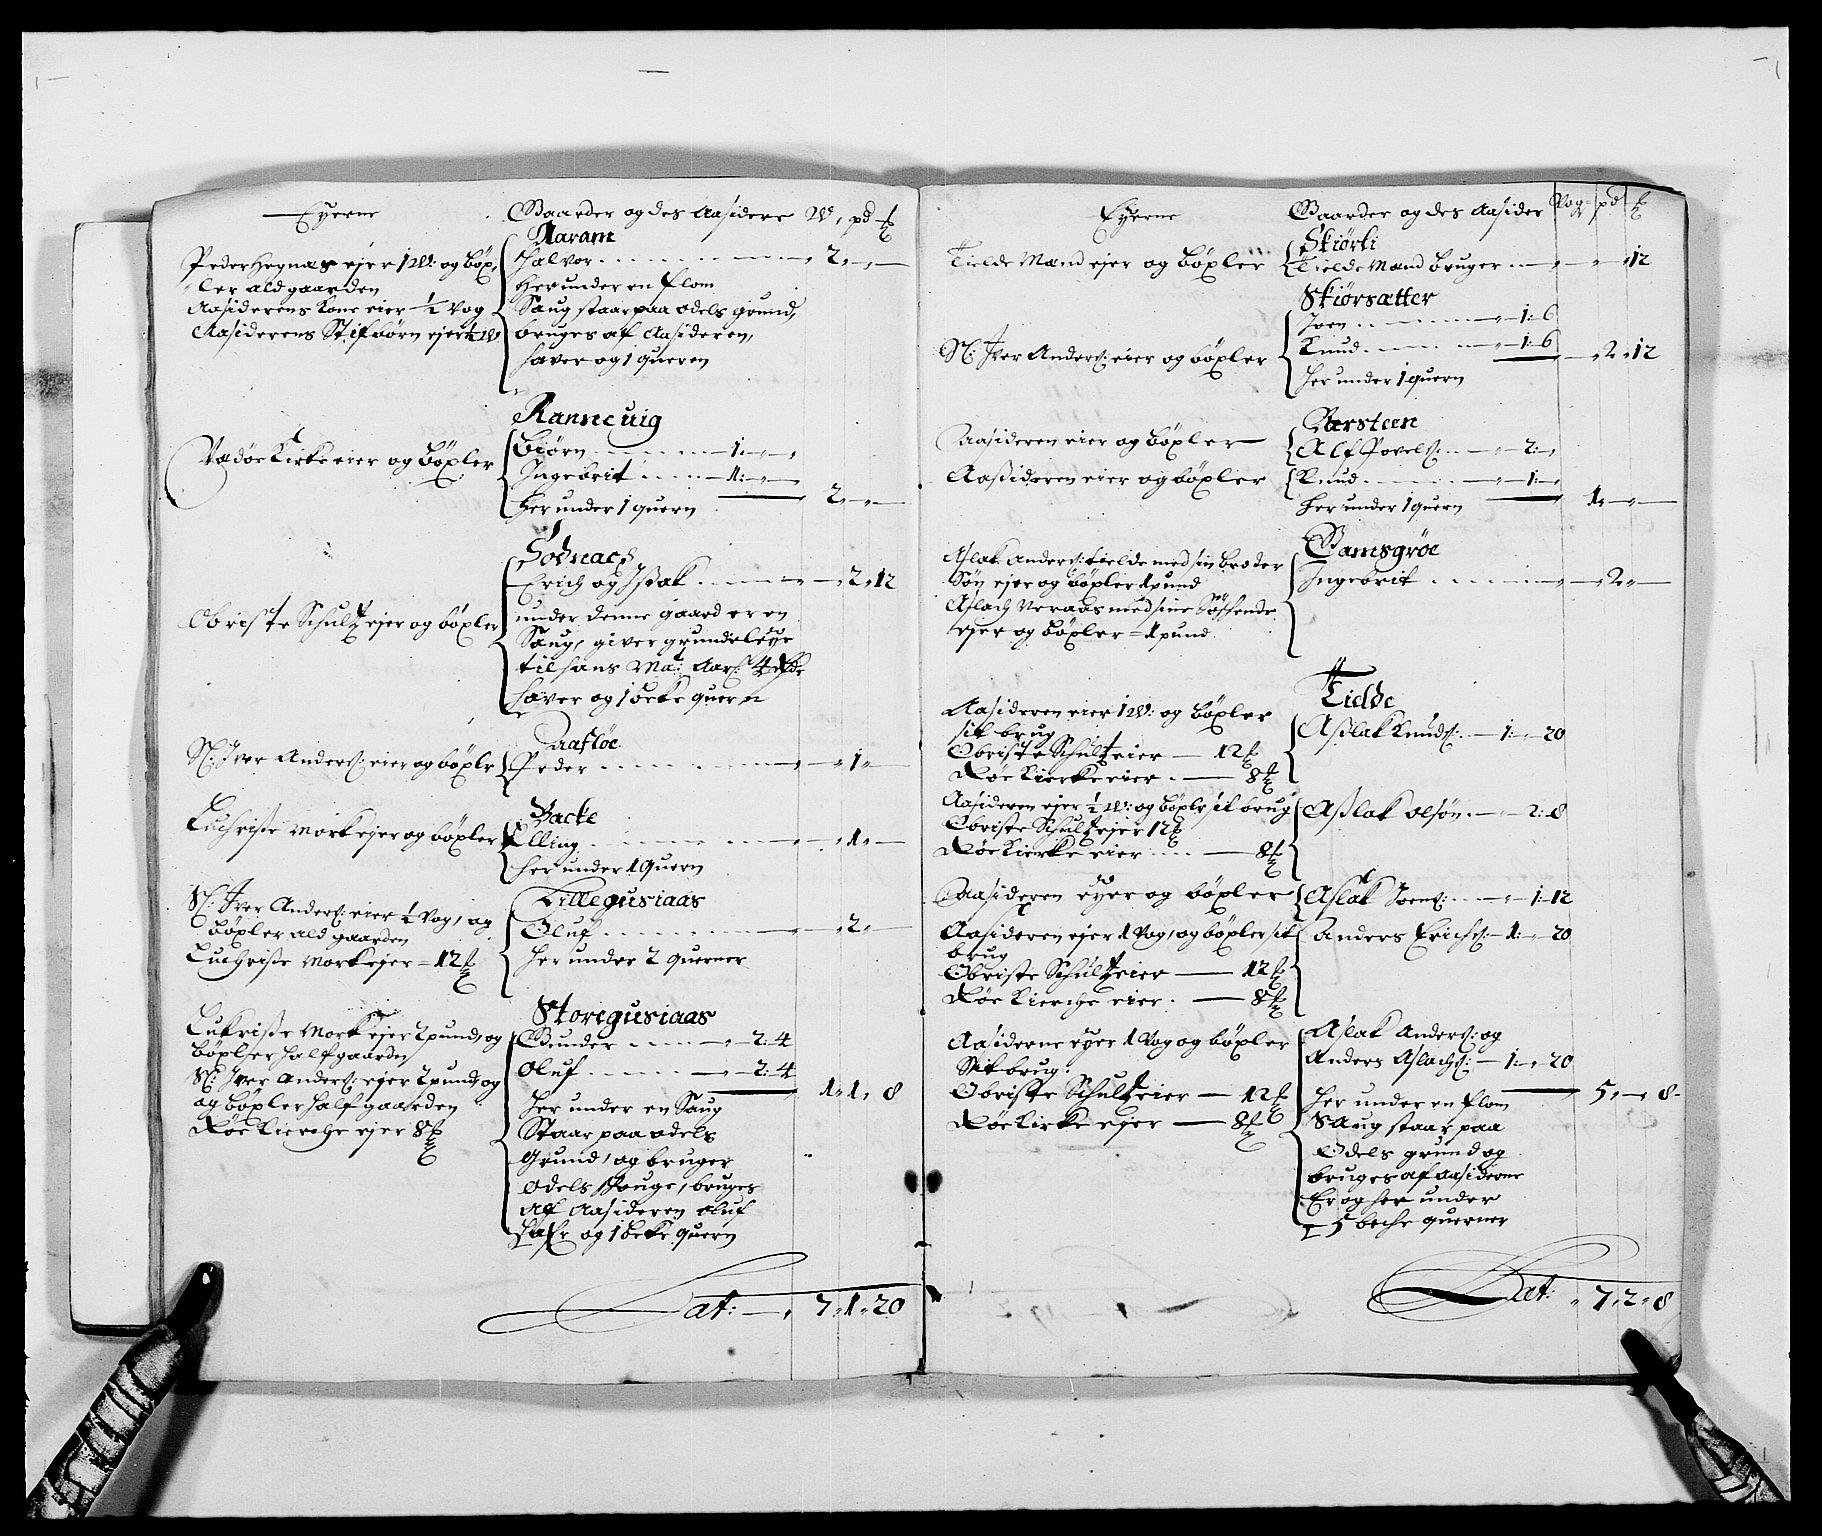 RA, Rentekammeret inntil 1814, Reviderte regnskaper, Fogderegnskap, R55/L3648: Fogderegnskap Romsdal, 1687-1689, s. 12